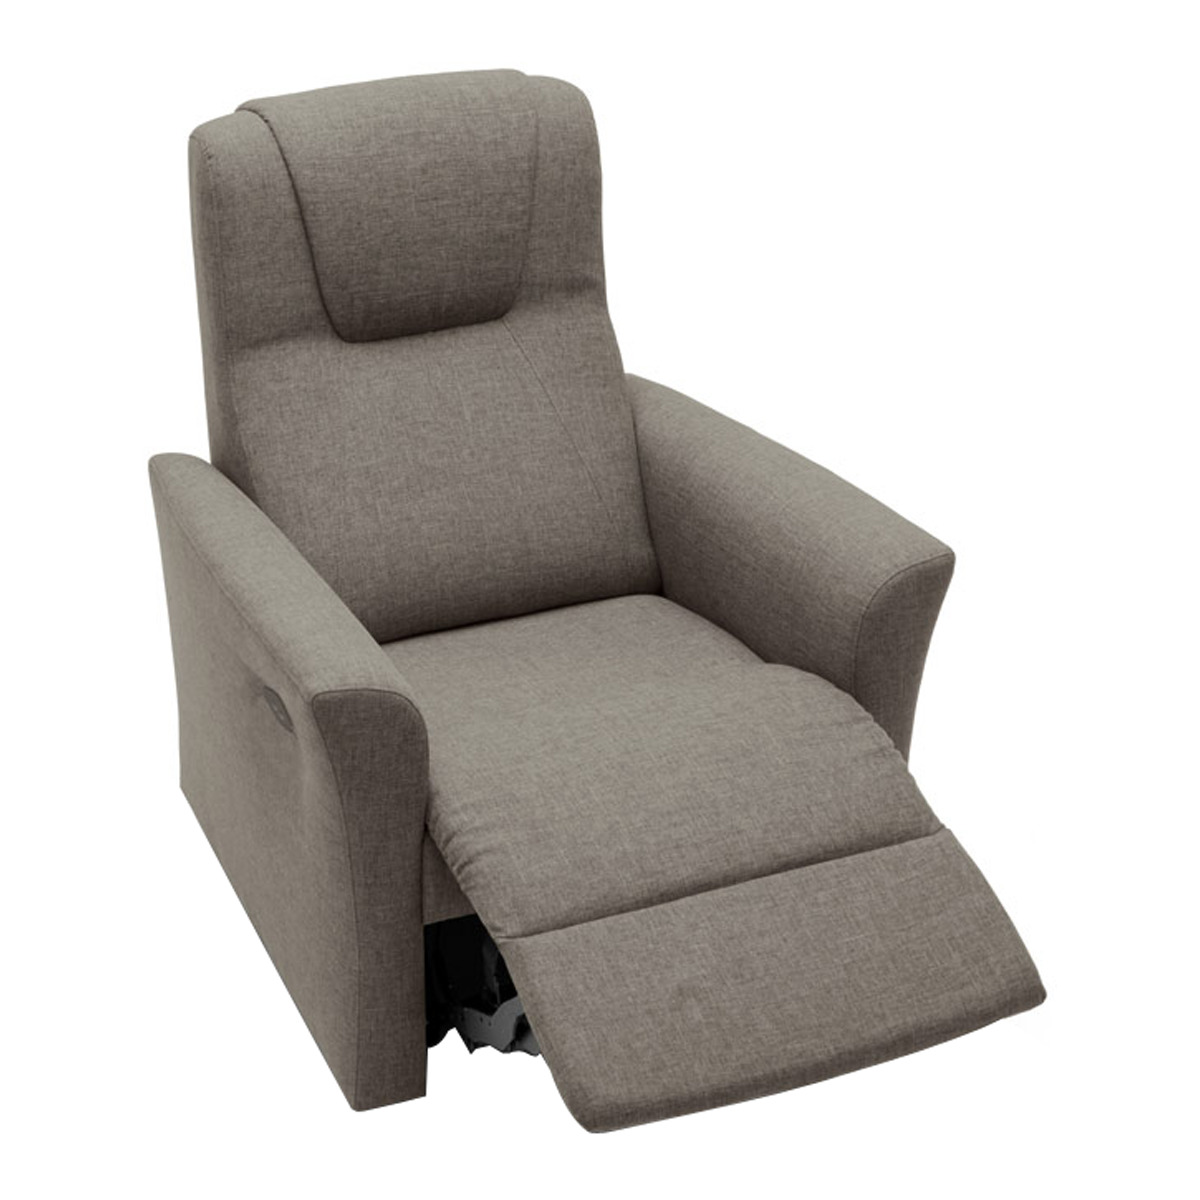 Revista muebles mobiliario de dise o - Sillones el corte ingles ...